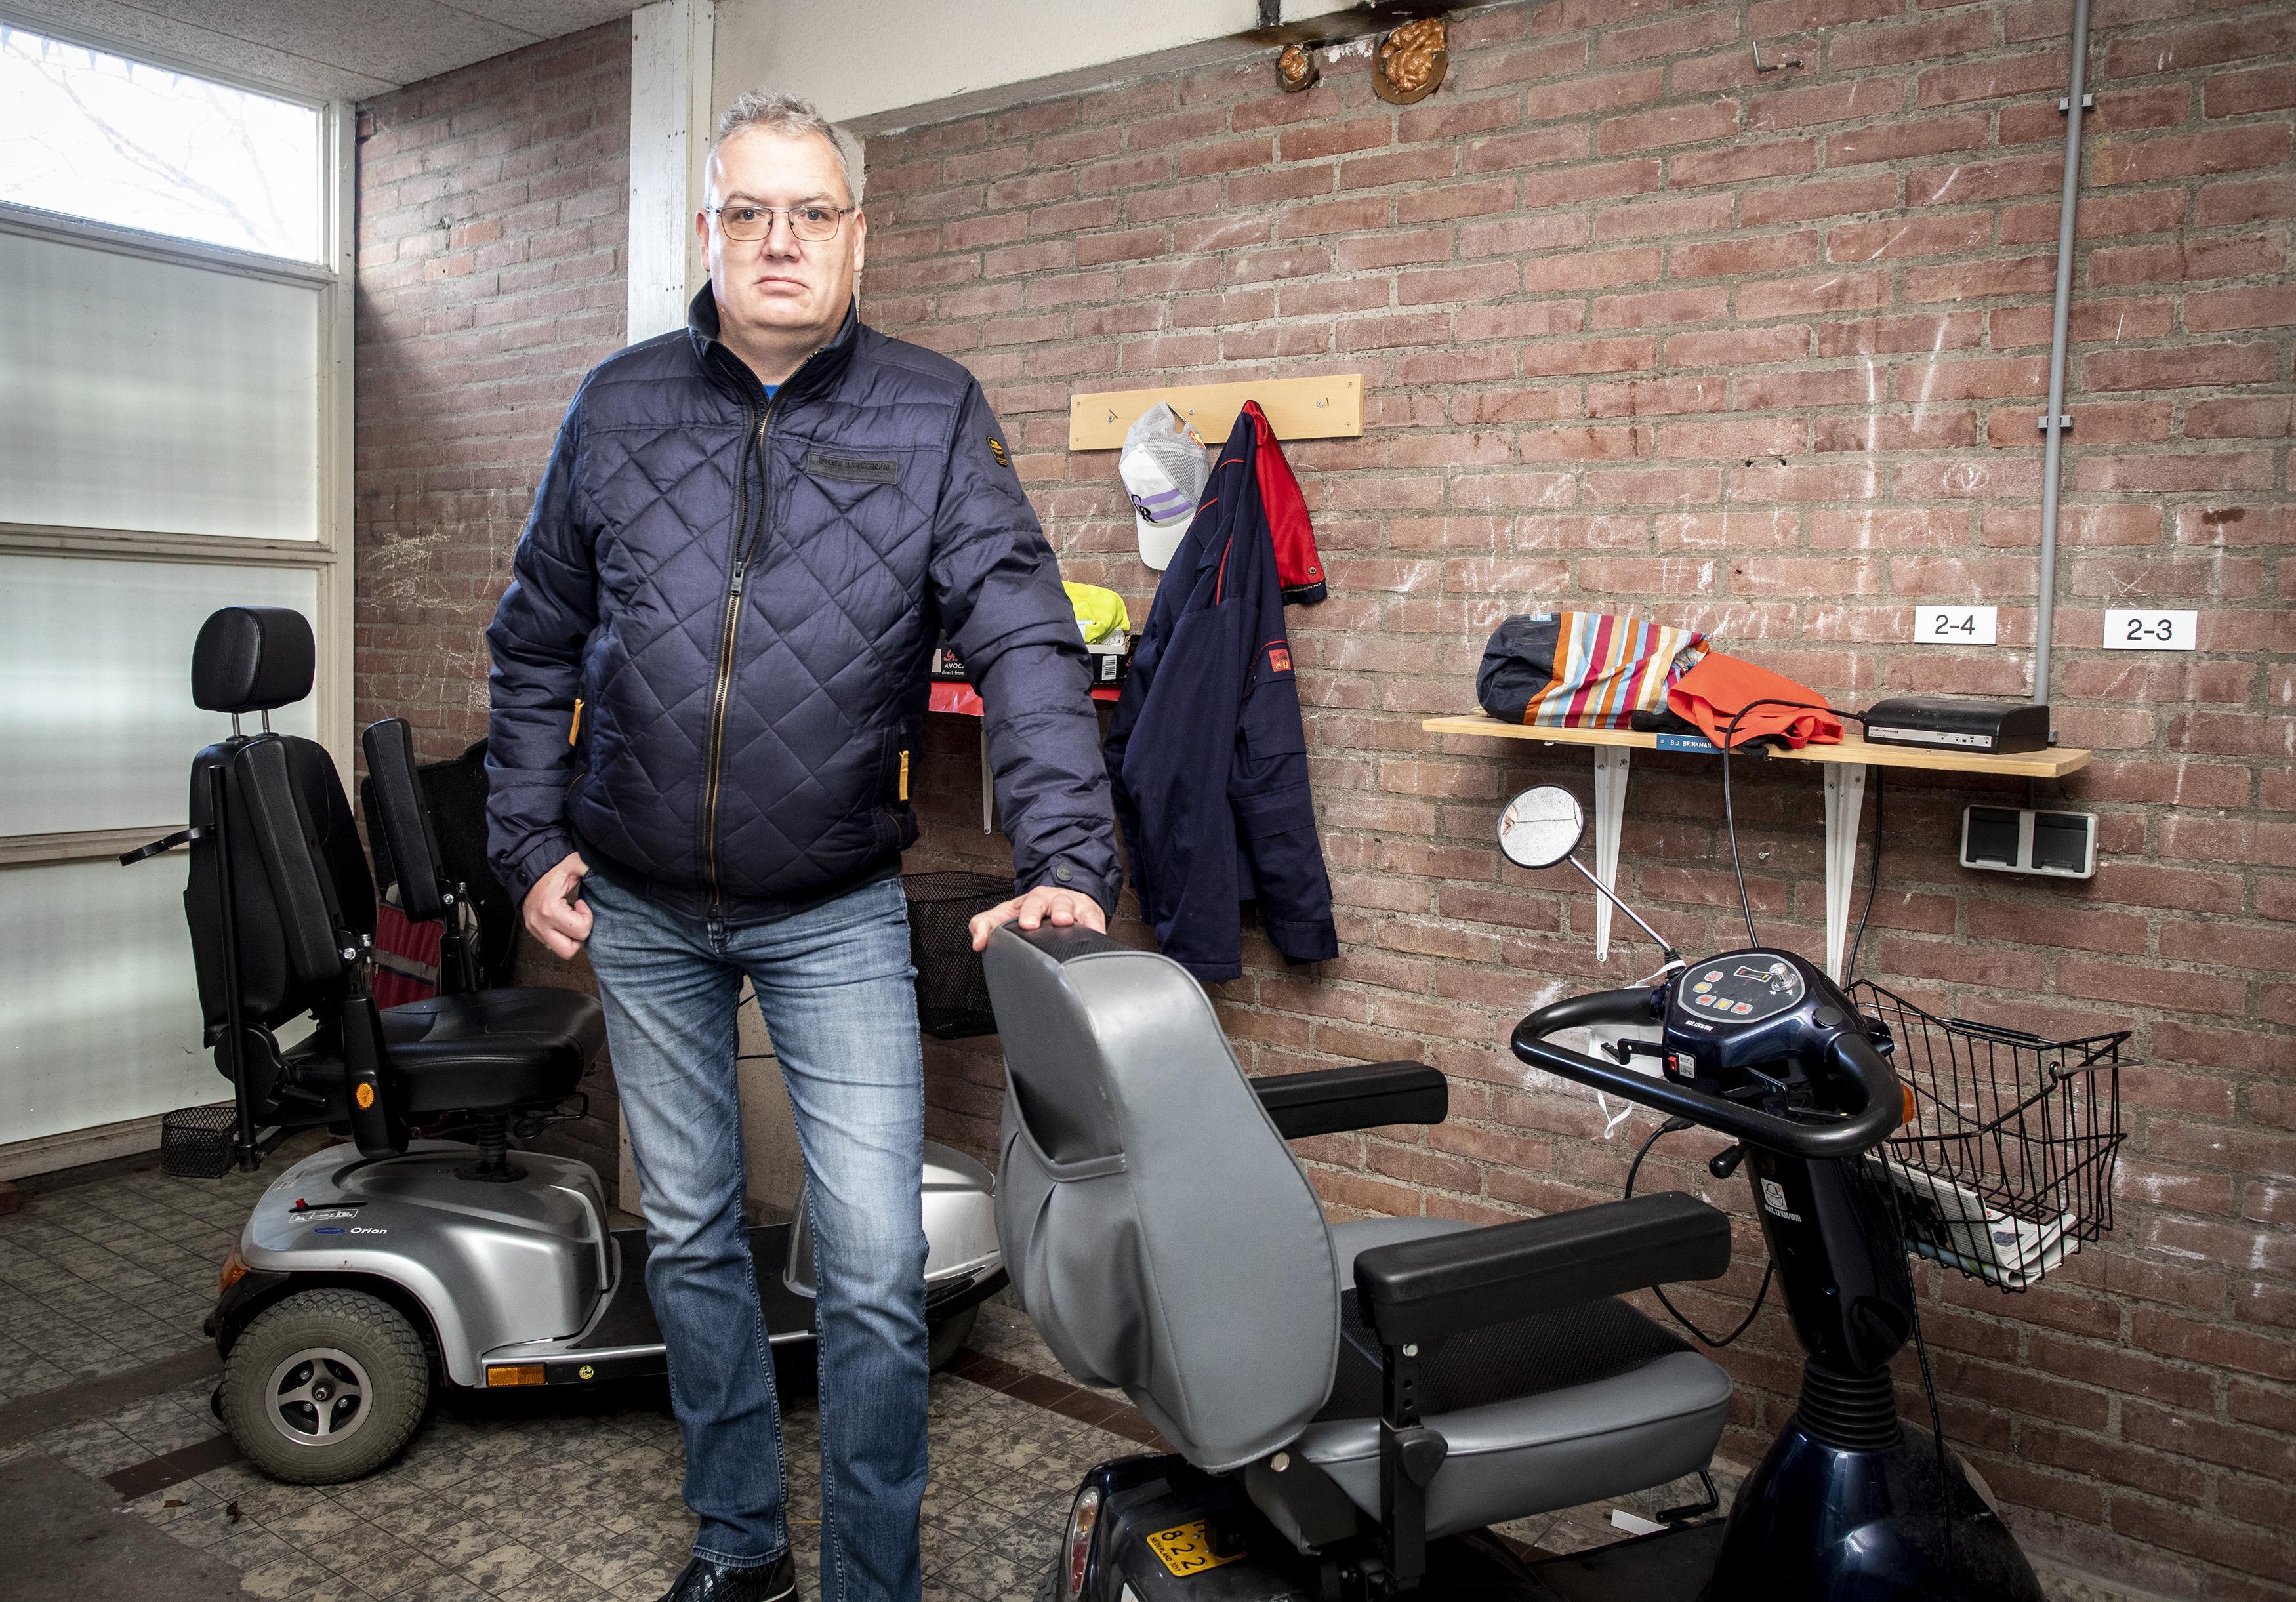 Diefstal accu's scootmobielen in Haarlem-Schalkwijk. 'Gedupeerde ouderen gedwongen achter de geraniums te gaan zitten'